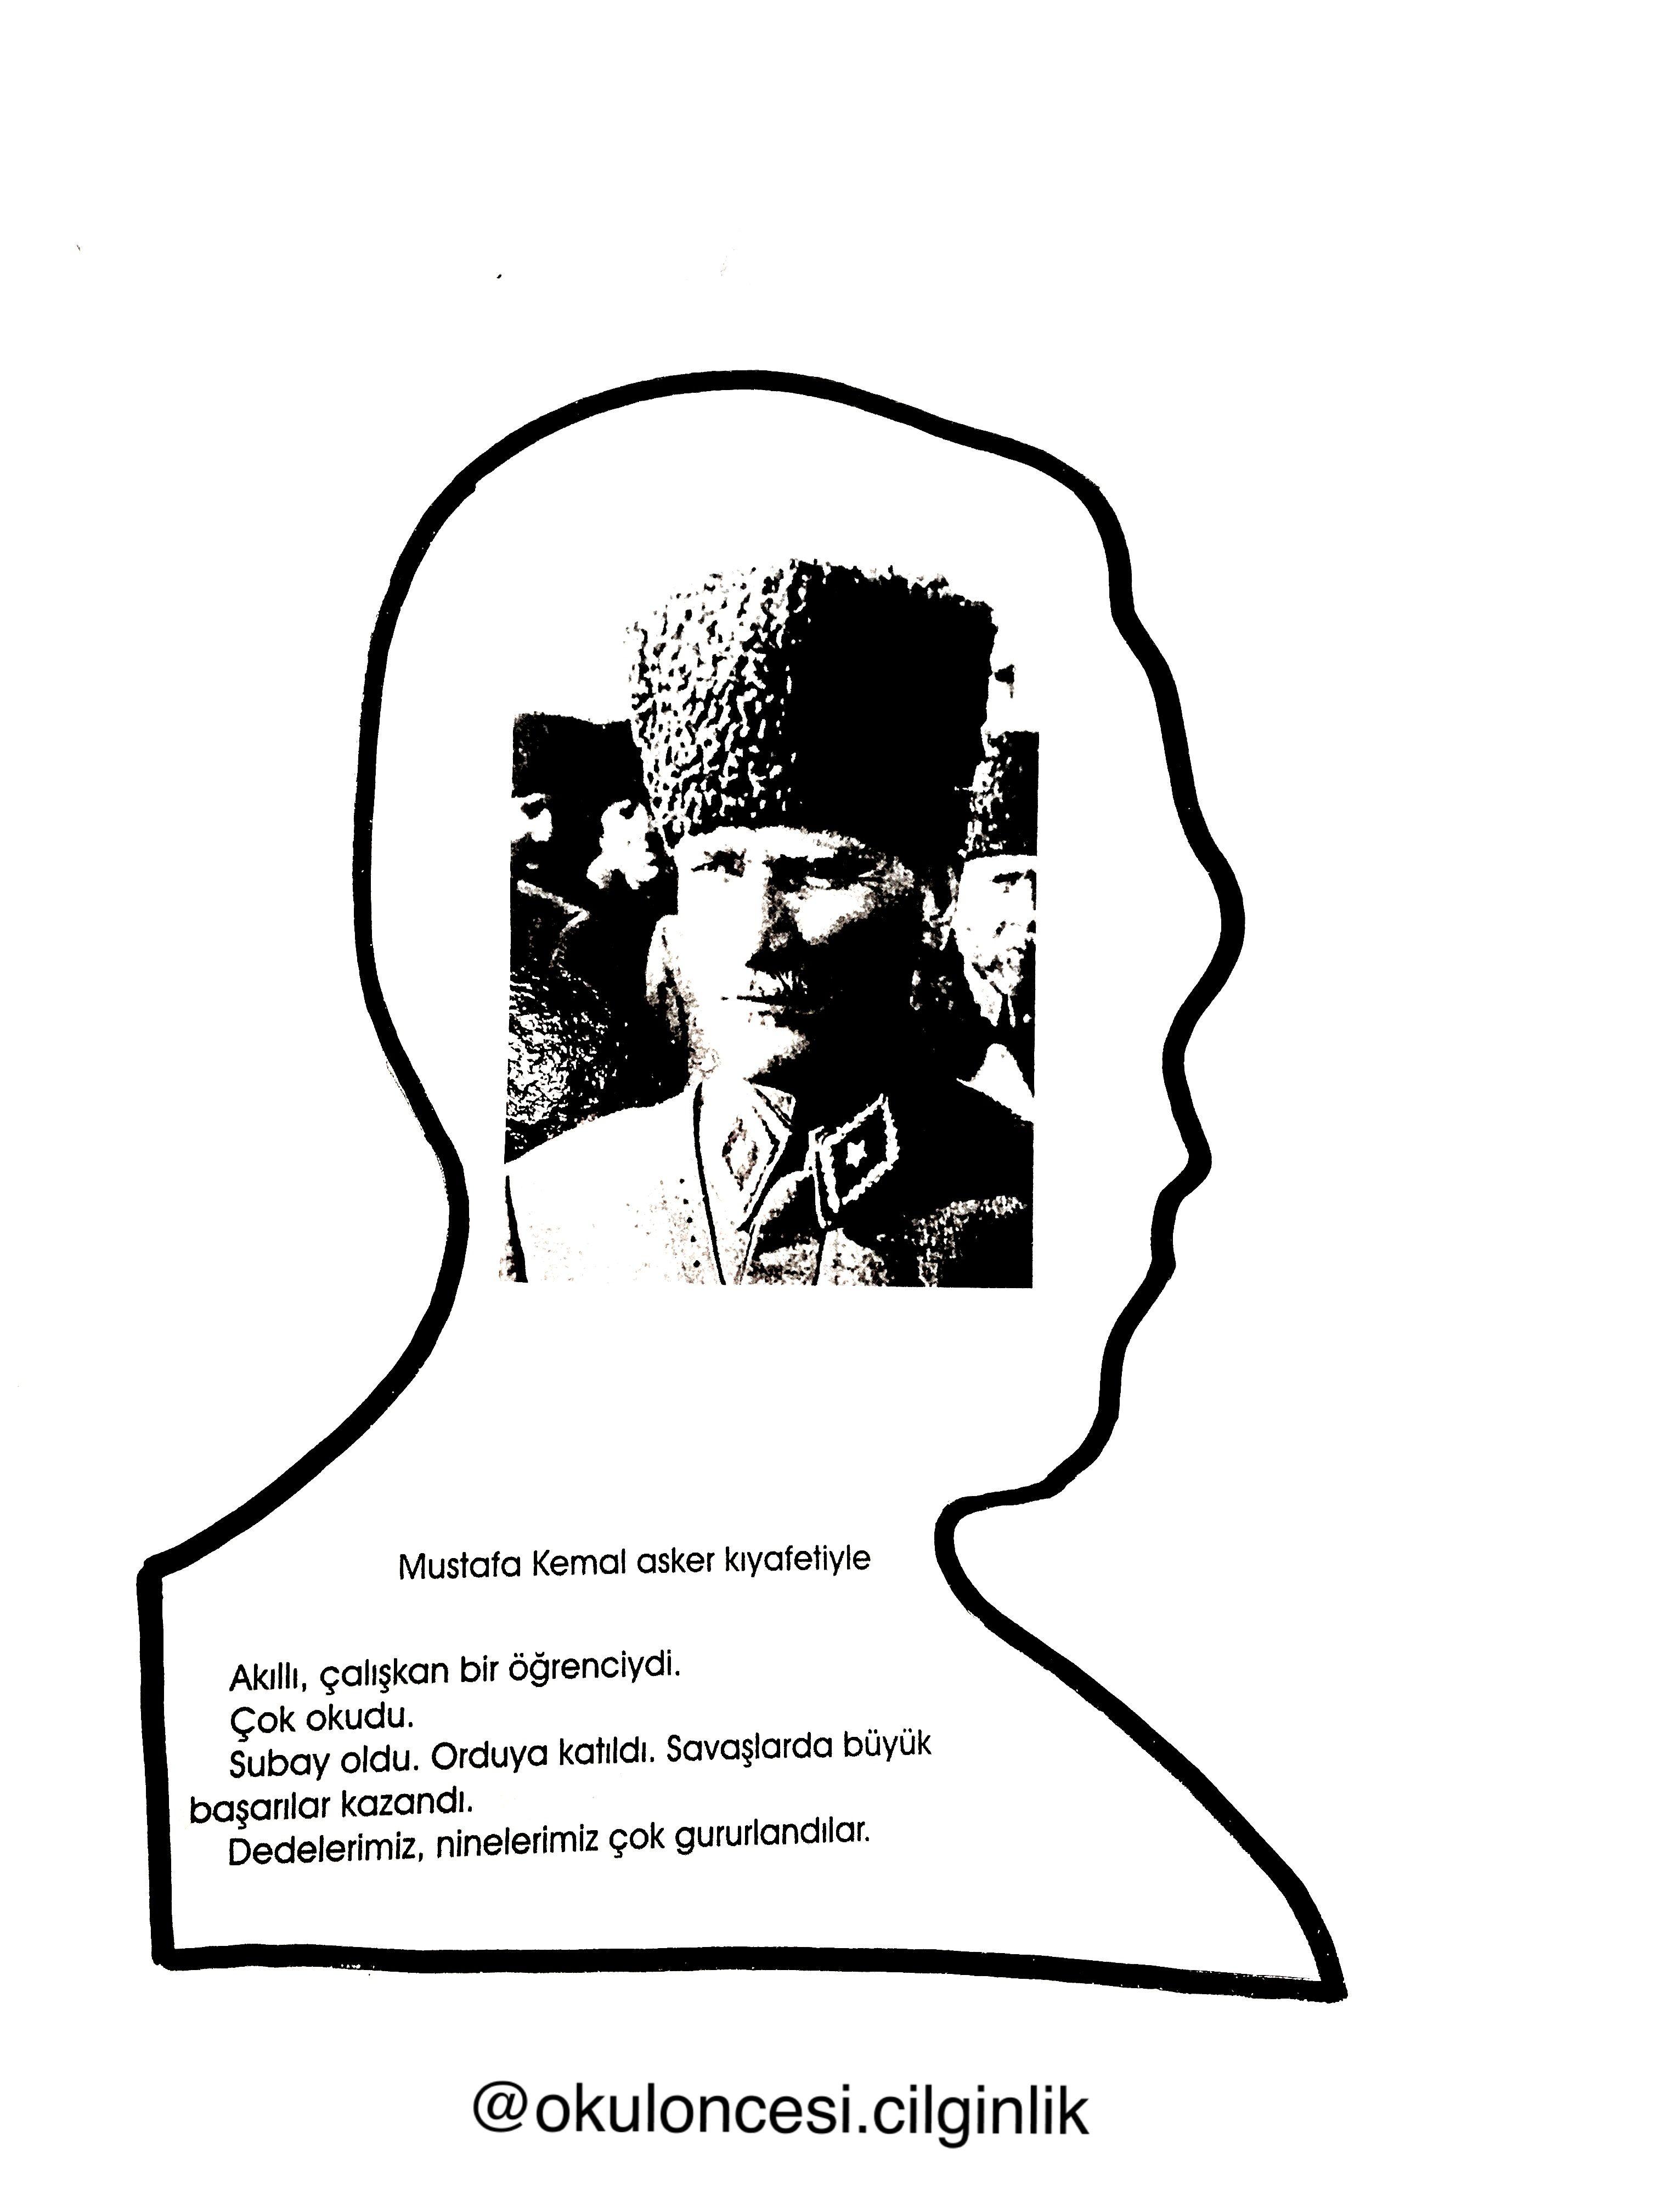 Ataturk Kitapcigi Kalip 4 Okuloncesi Cilginlik Basak Ogretmen